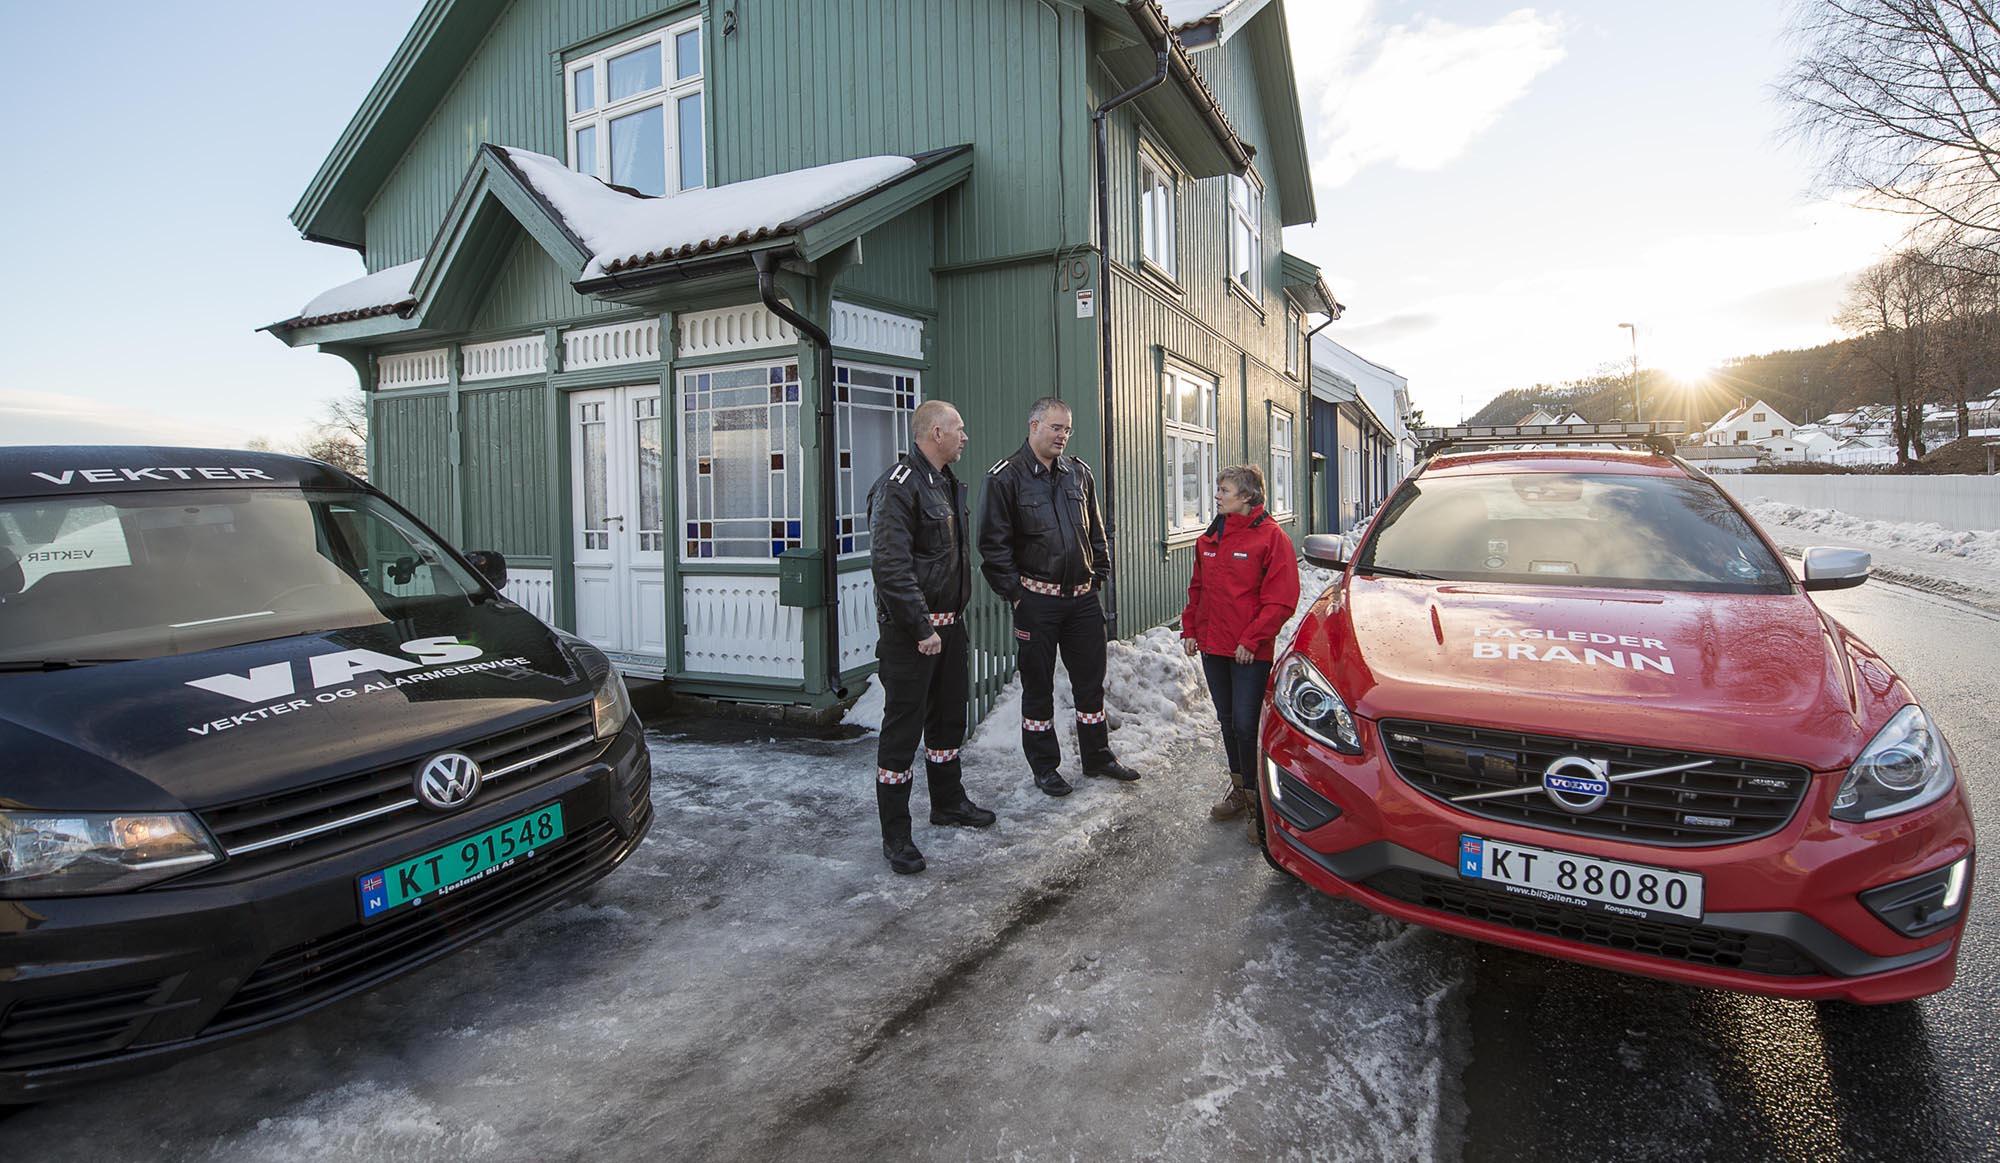 Foto: Bjørn Isaksen/3600.no